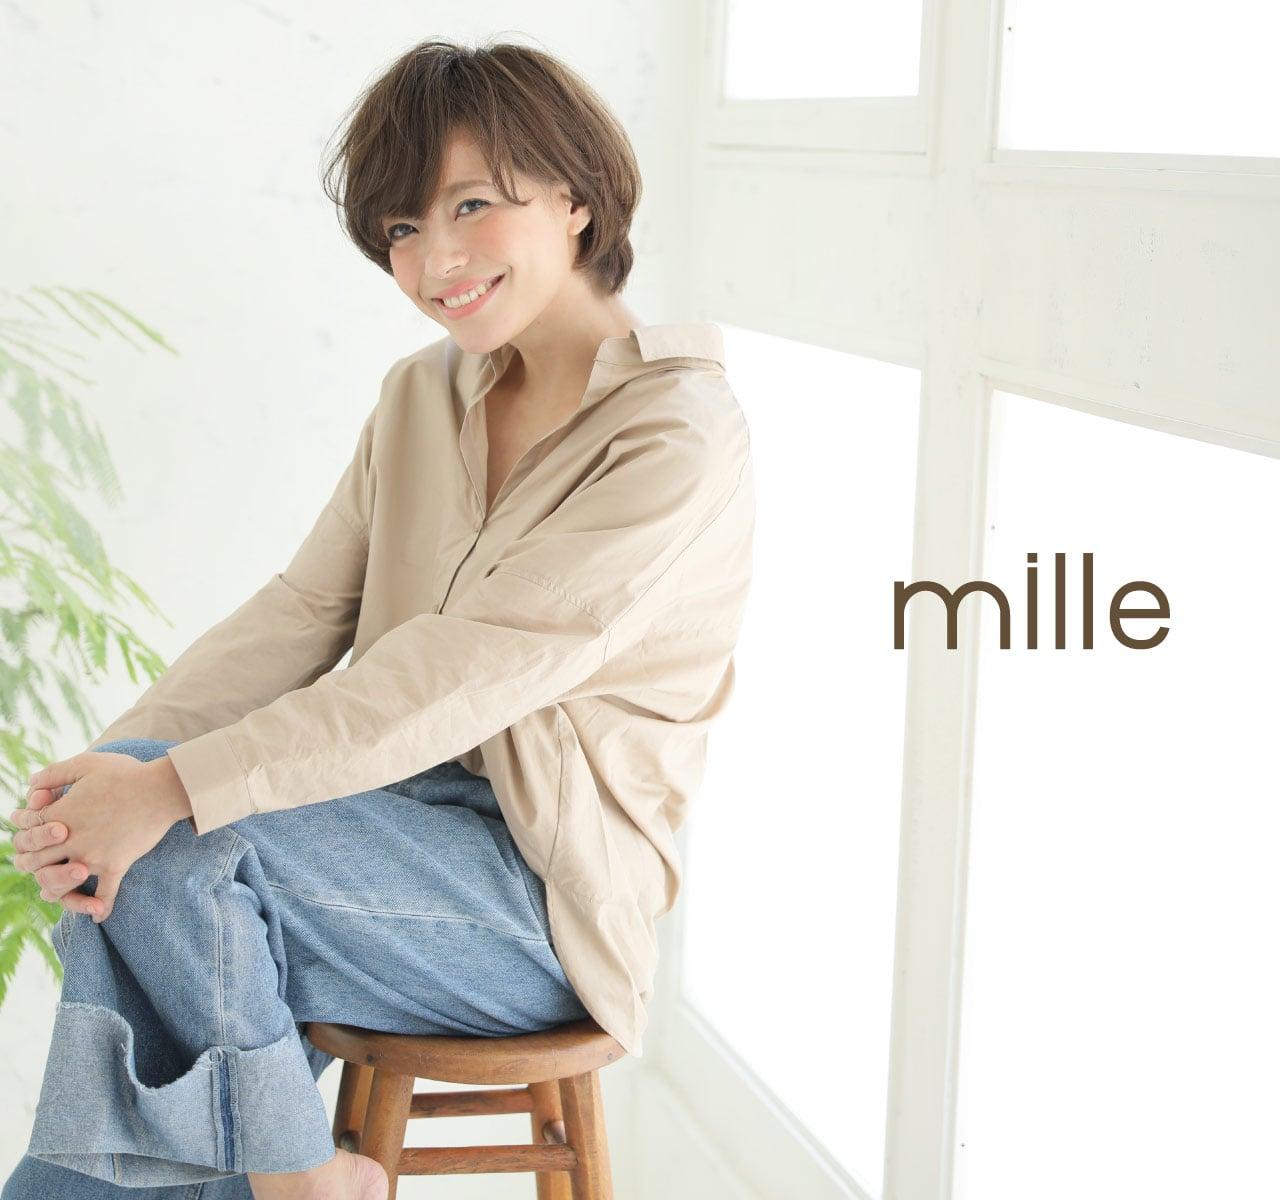 美容室ミルのコンセプトページ